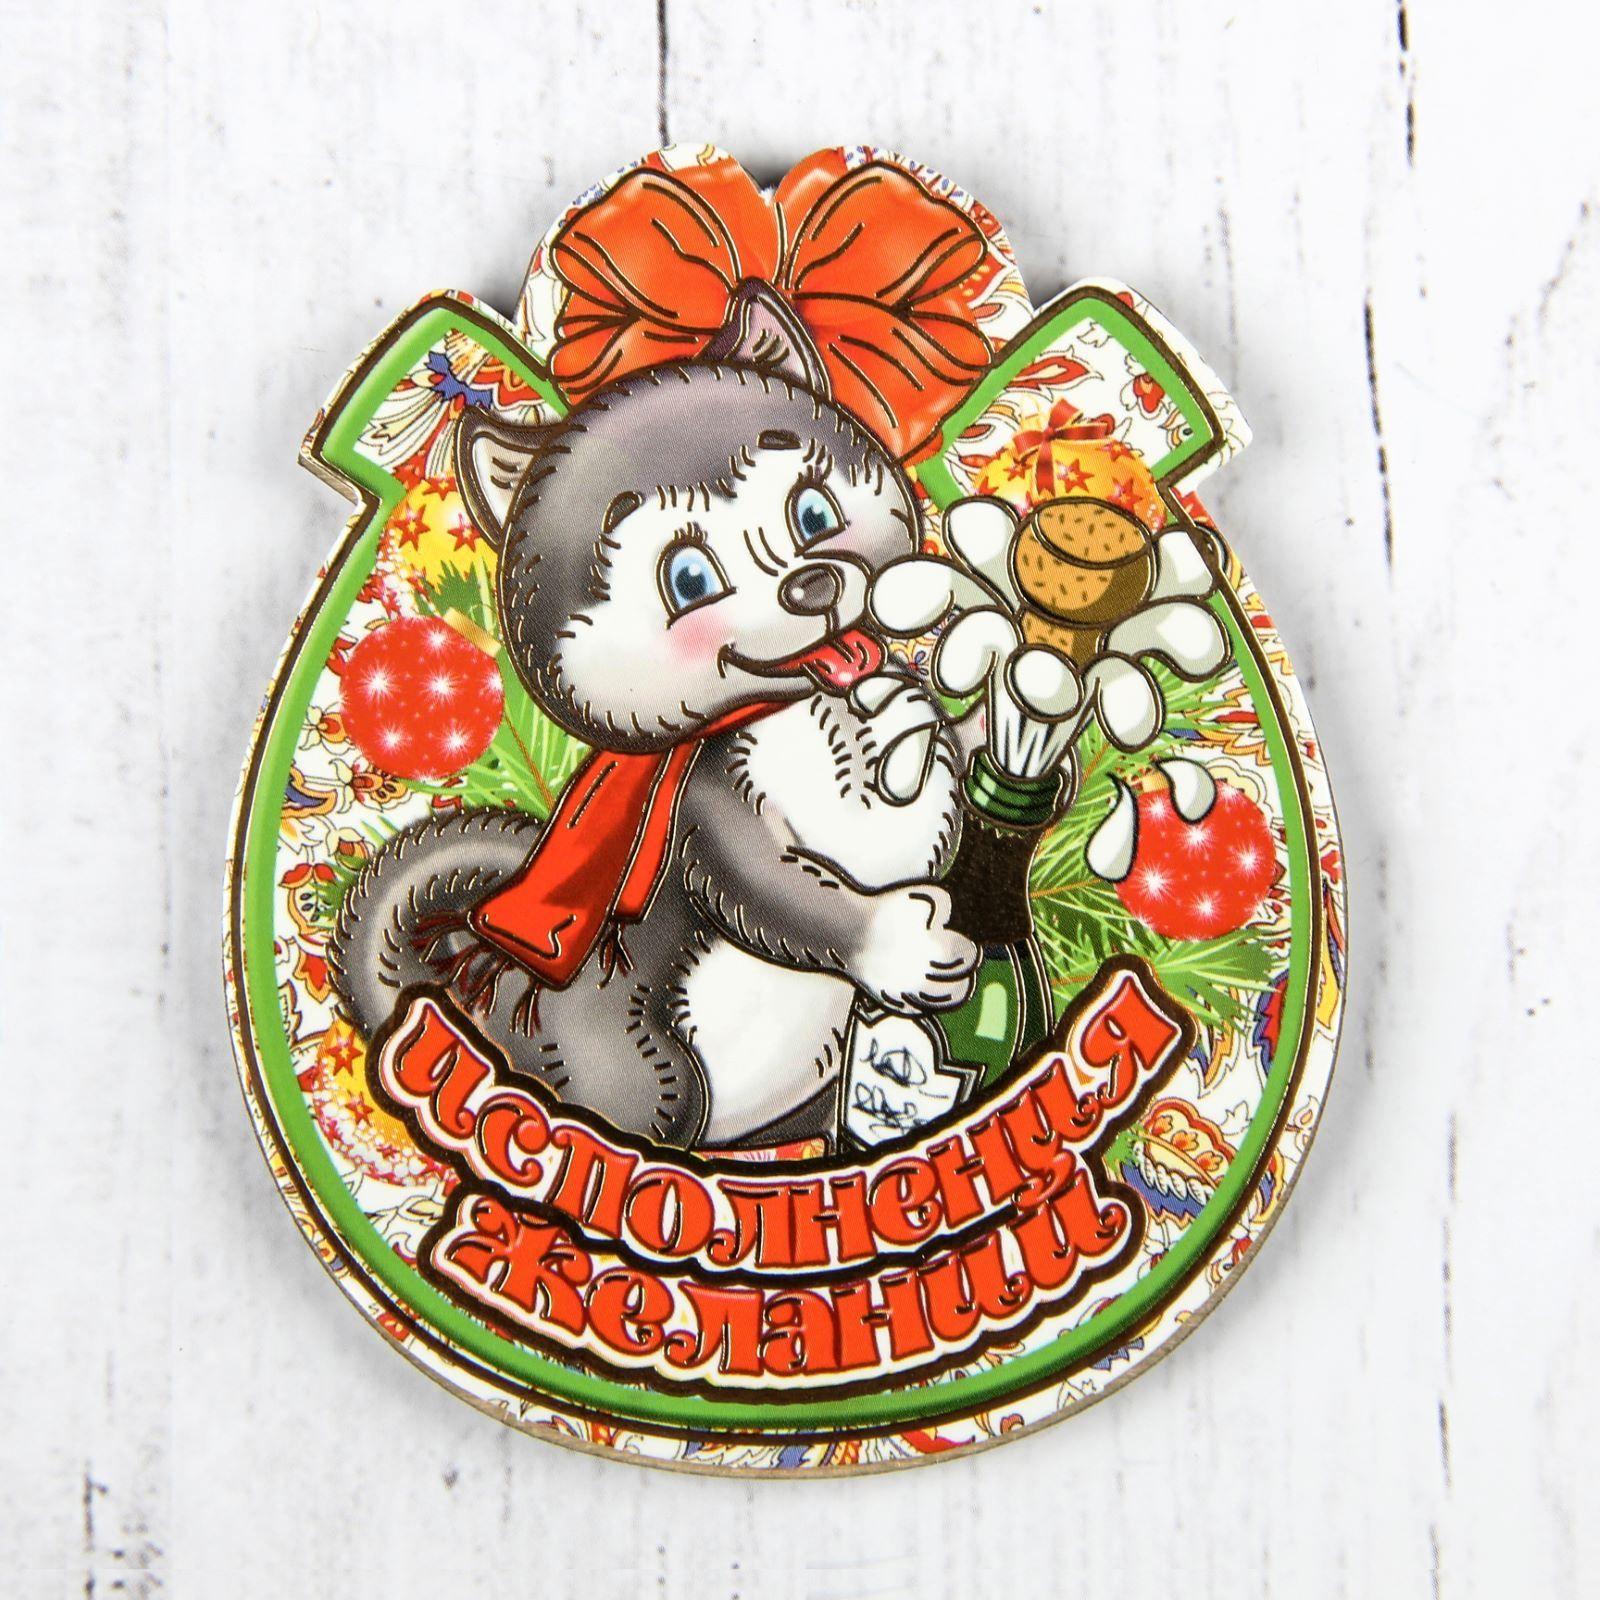 Магнит Sima-land Новогодний. 2018, 9 х 7,5 см. 25323692532369Порадуйте родных и близких оригинальным сувениром: преподнесите в подарок магнит. С ним даже самый серьезный человек почувствует себя ребенком, ожидающим чудо! Прикрепите его к любой металлической поверхности, и он удержит на виду важные записки, любовные послания или просто список продуктов.Создайте праздничное настроение, и оно останется с вами на весь год.